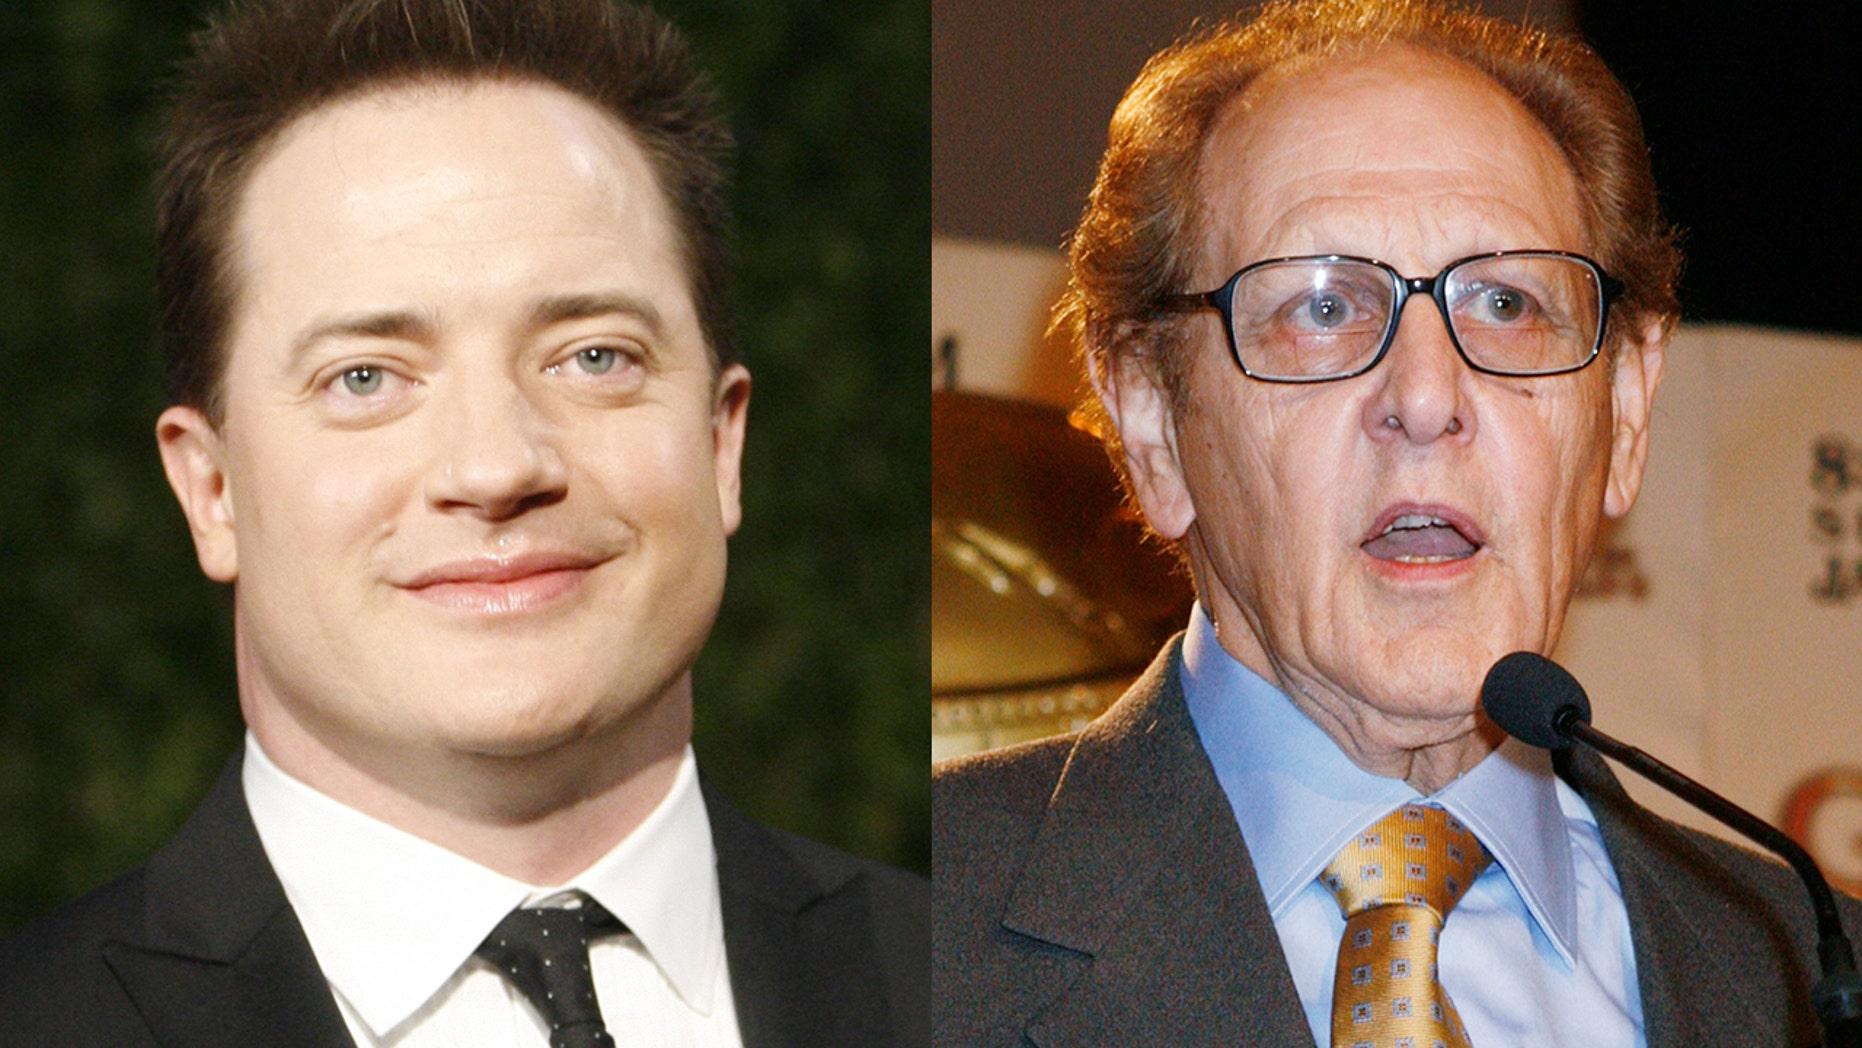 Brendan Fraser (left) accused former Hollywood Foreign Press President Philip Berk of groping him in 2003.